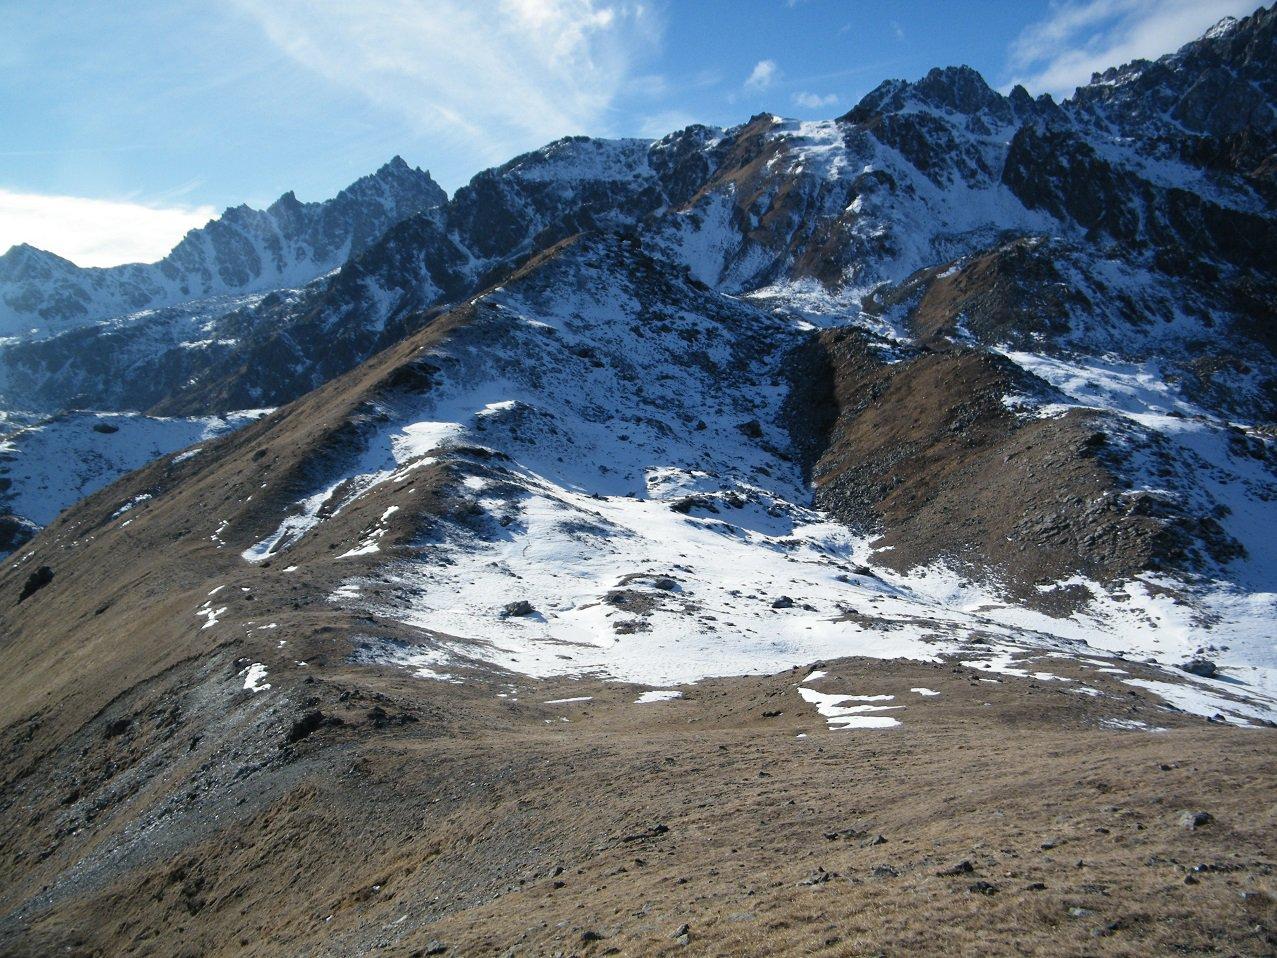 La cresta che unisce P.ta Murel alla Testa Rossa vista da quest'ultima